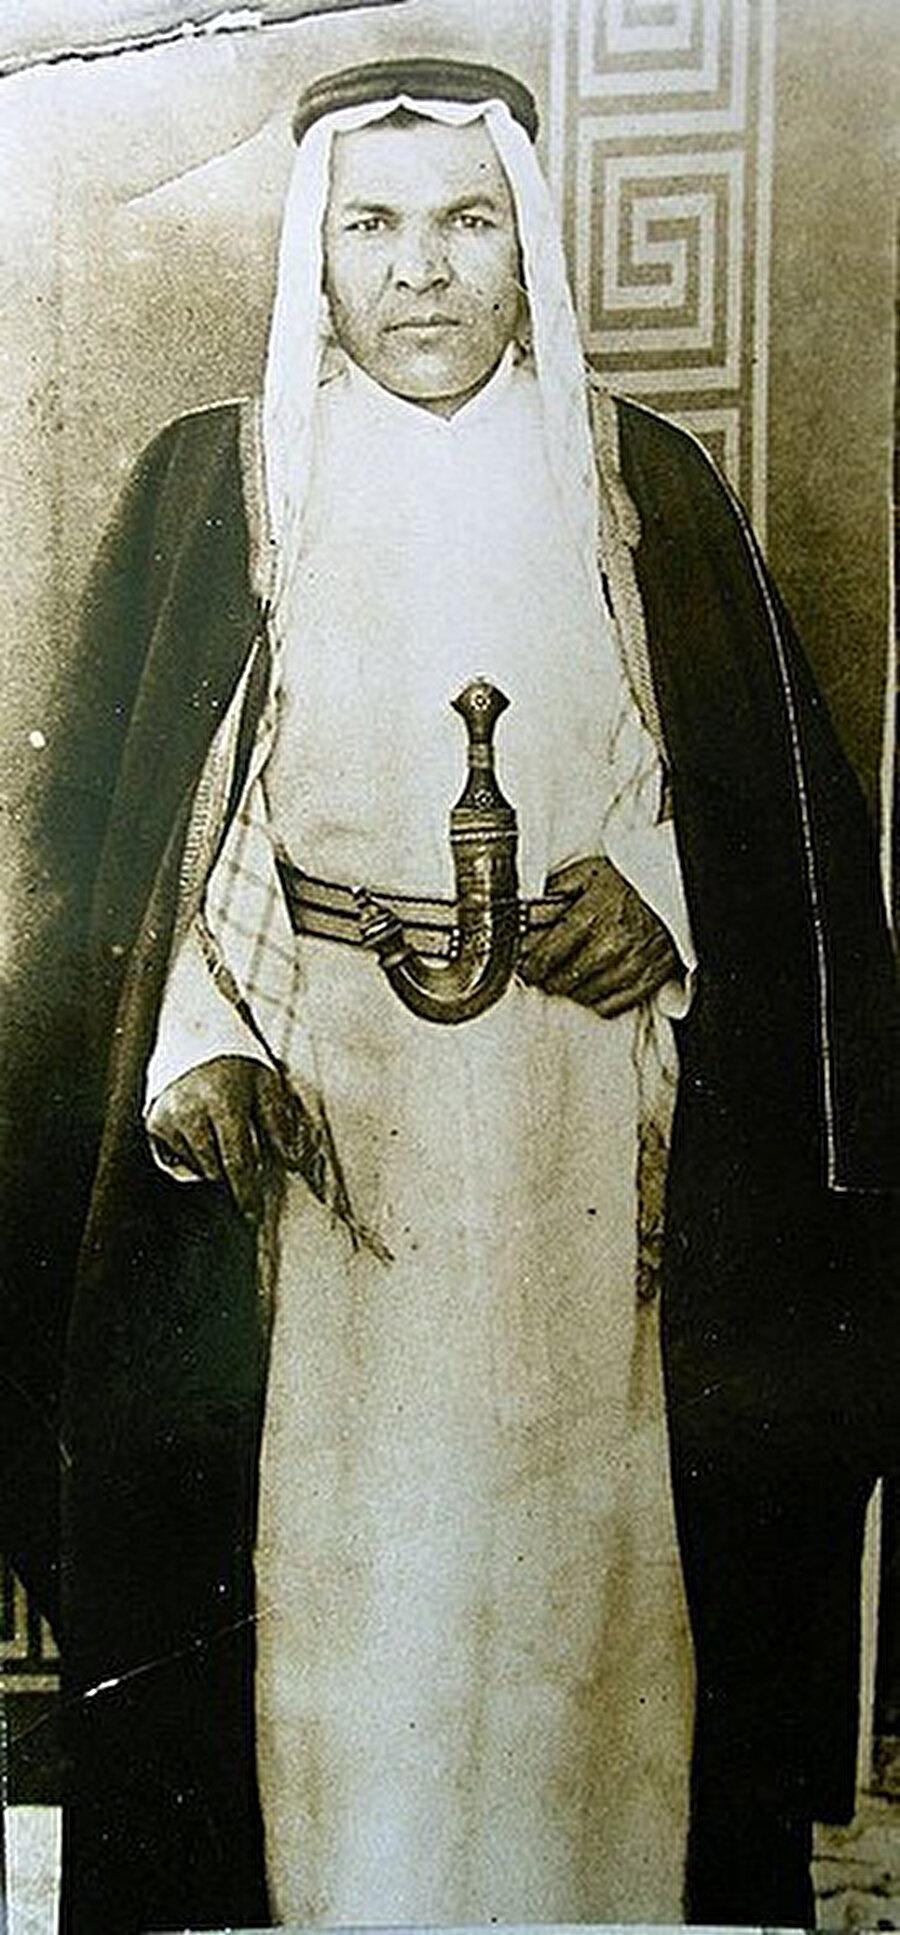 Sovyetler Birliği'nin Cidde Başkonsolosu Kerim Hakimov.